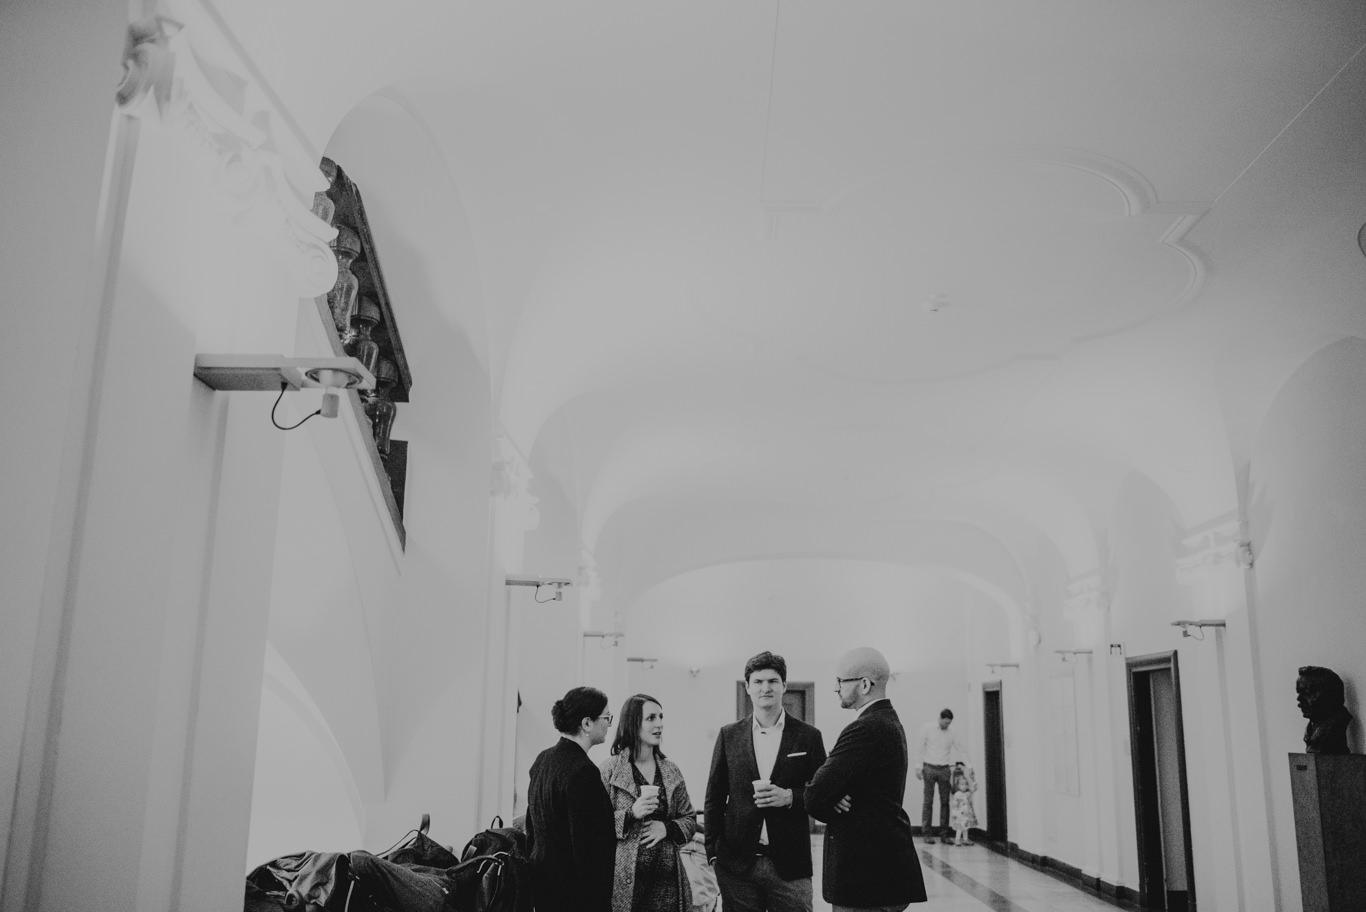 gleichgeschlechtliche Hochzeit, same sex wedding, gay wedding, lesbische Hochzeit, Frauenhochzeit, Männerhochzeit, homosexuelle Paare, Umwandlung, Lebenspartnerschaft, Fotograf, Fotografin, Hochzeitsfotos, Hochzeitsbilder, Hochzeitsfotograf, Fotos, Mannheim, Heidelberg, Ludwigshafen, Weinheim, Schriesheim, Heppenheim, Neustadt, freie Trauung, Standesamt